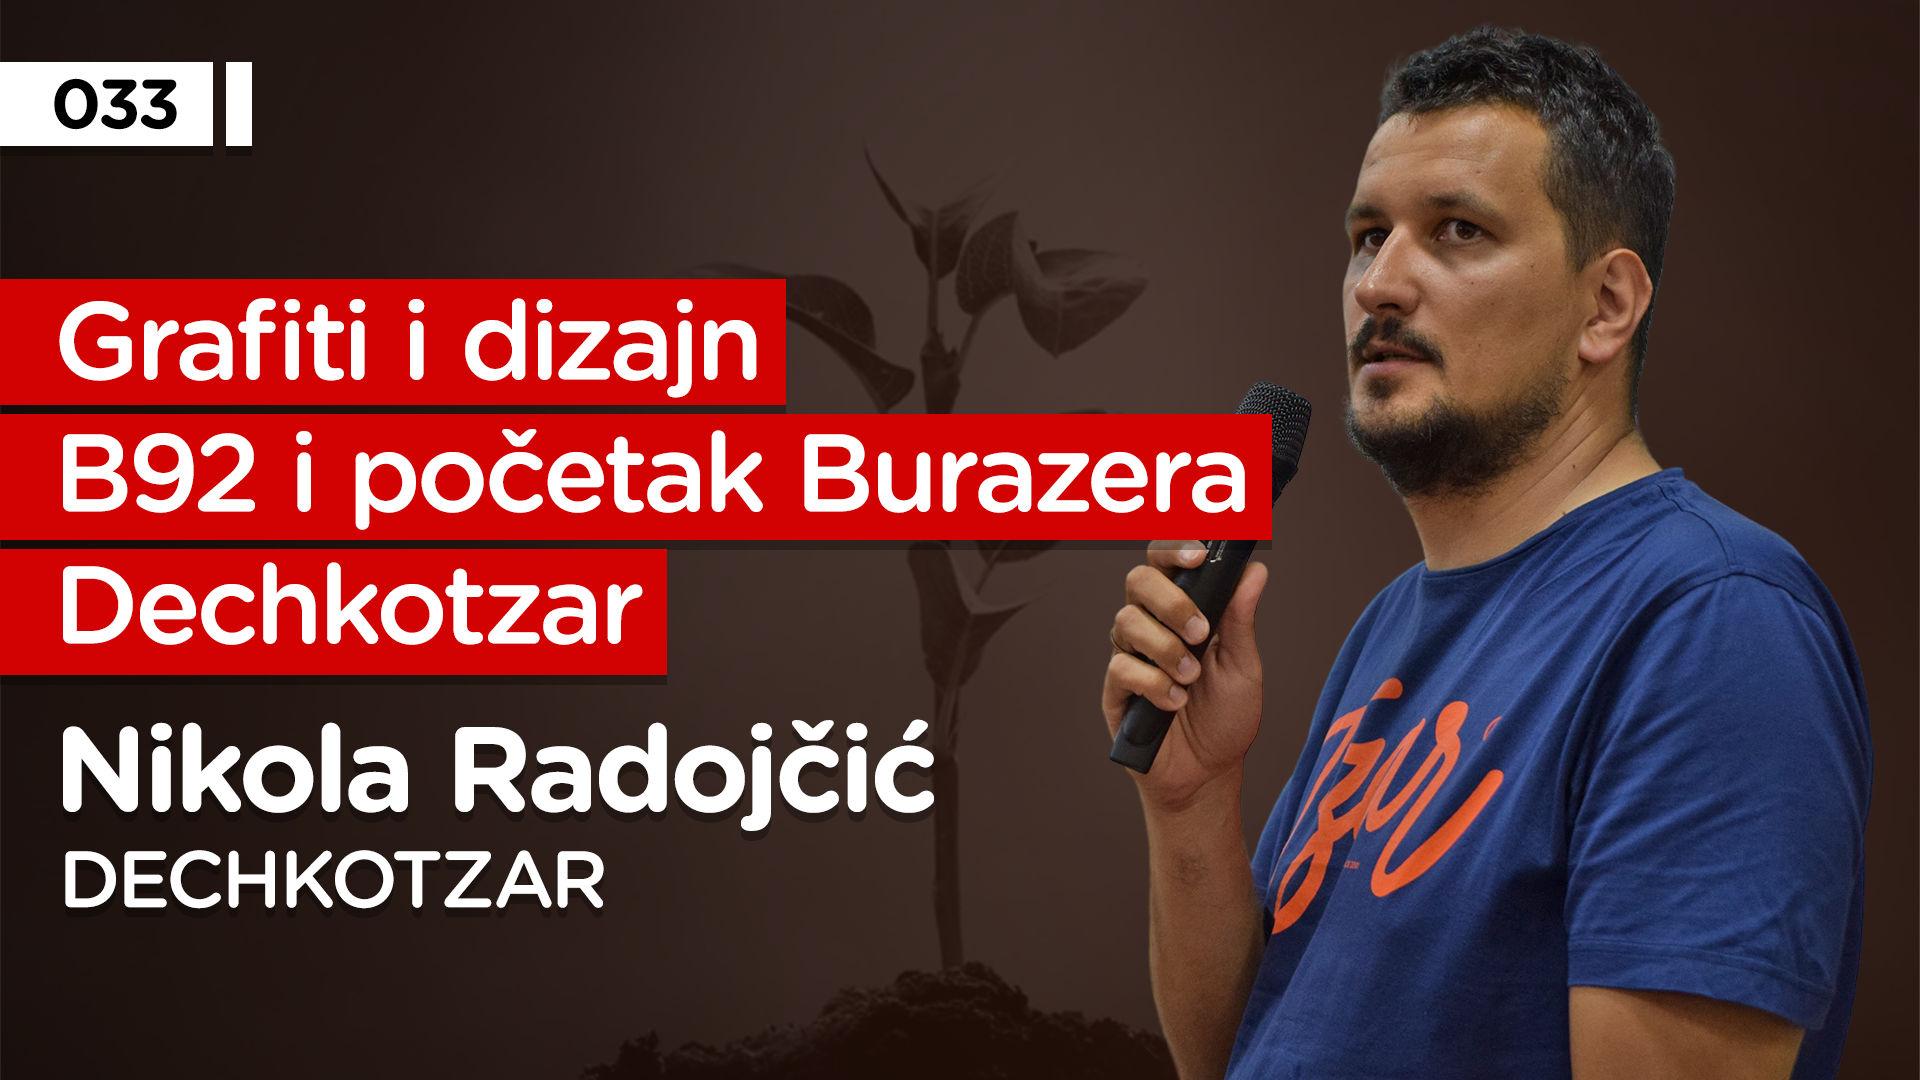 EP033: Nikola Radojčić